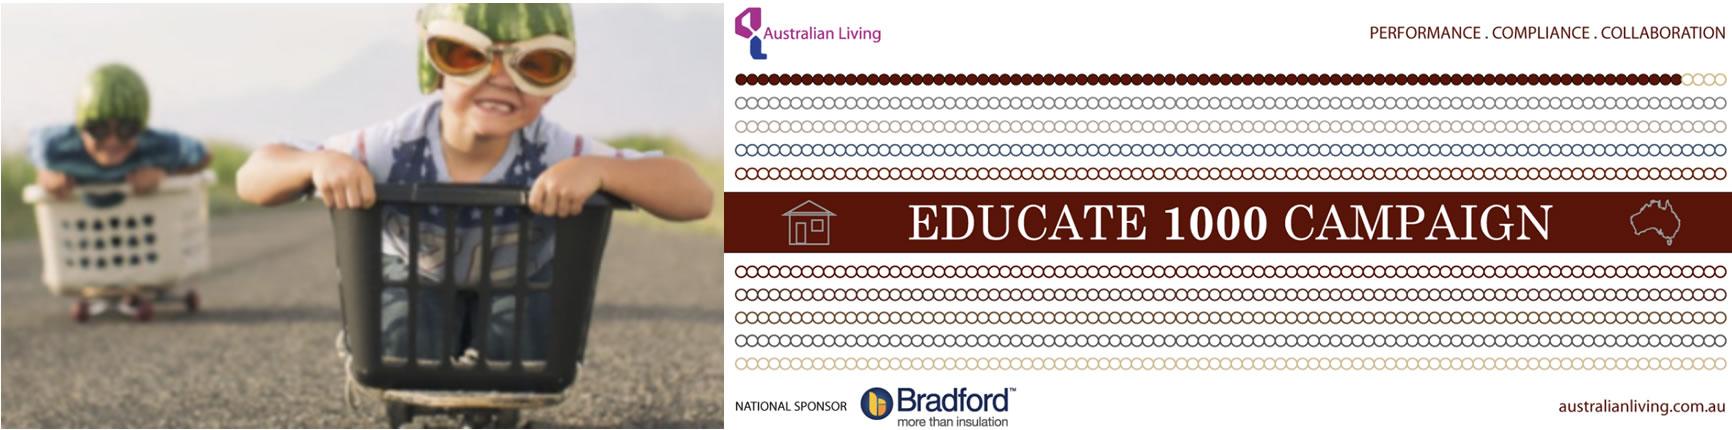 Educate1000AustralianLiving.jpg